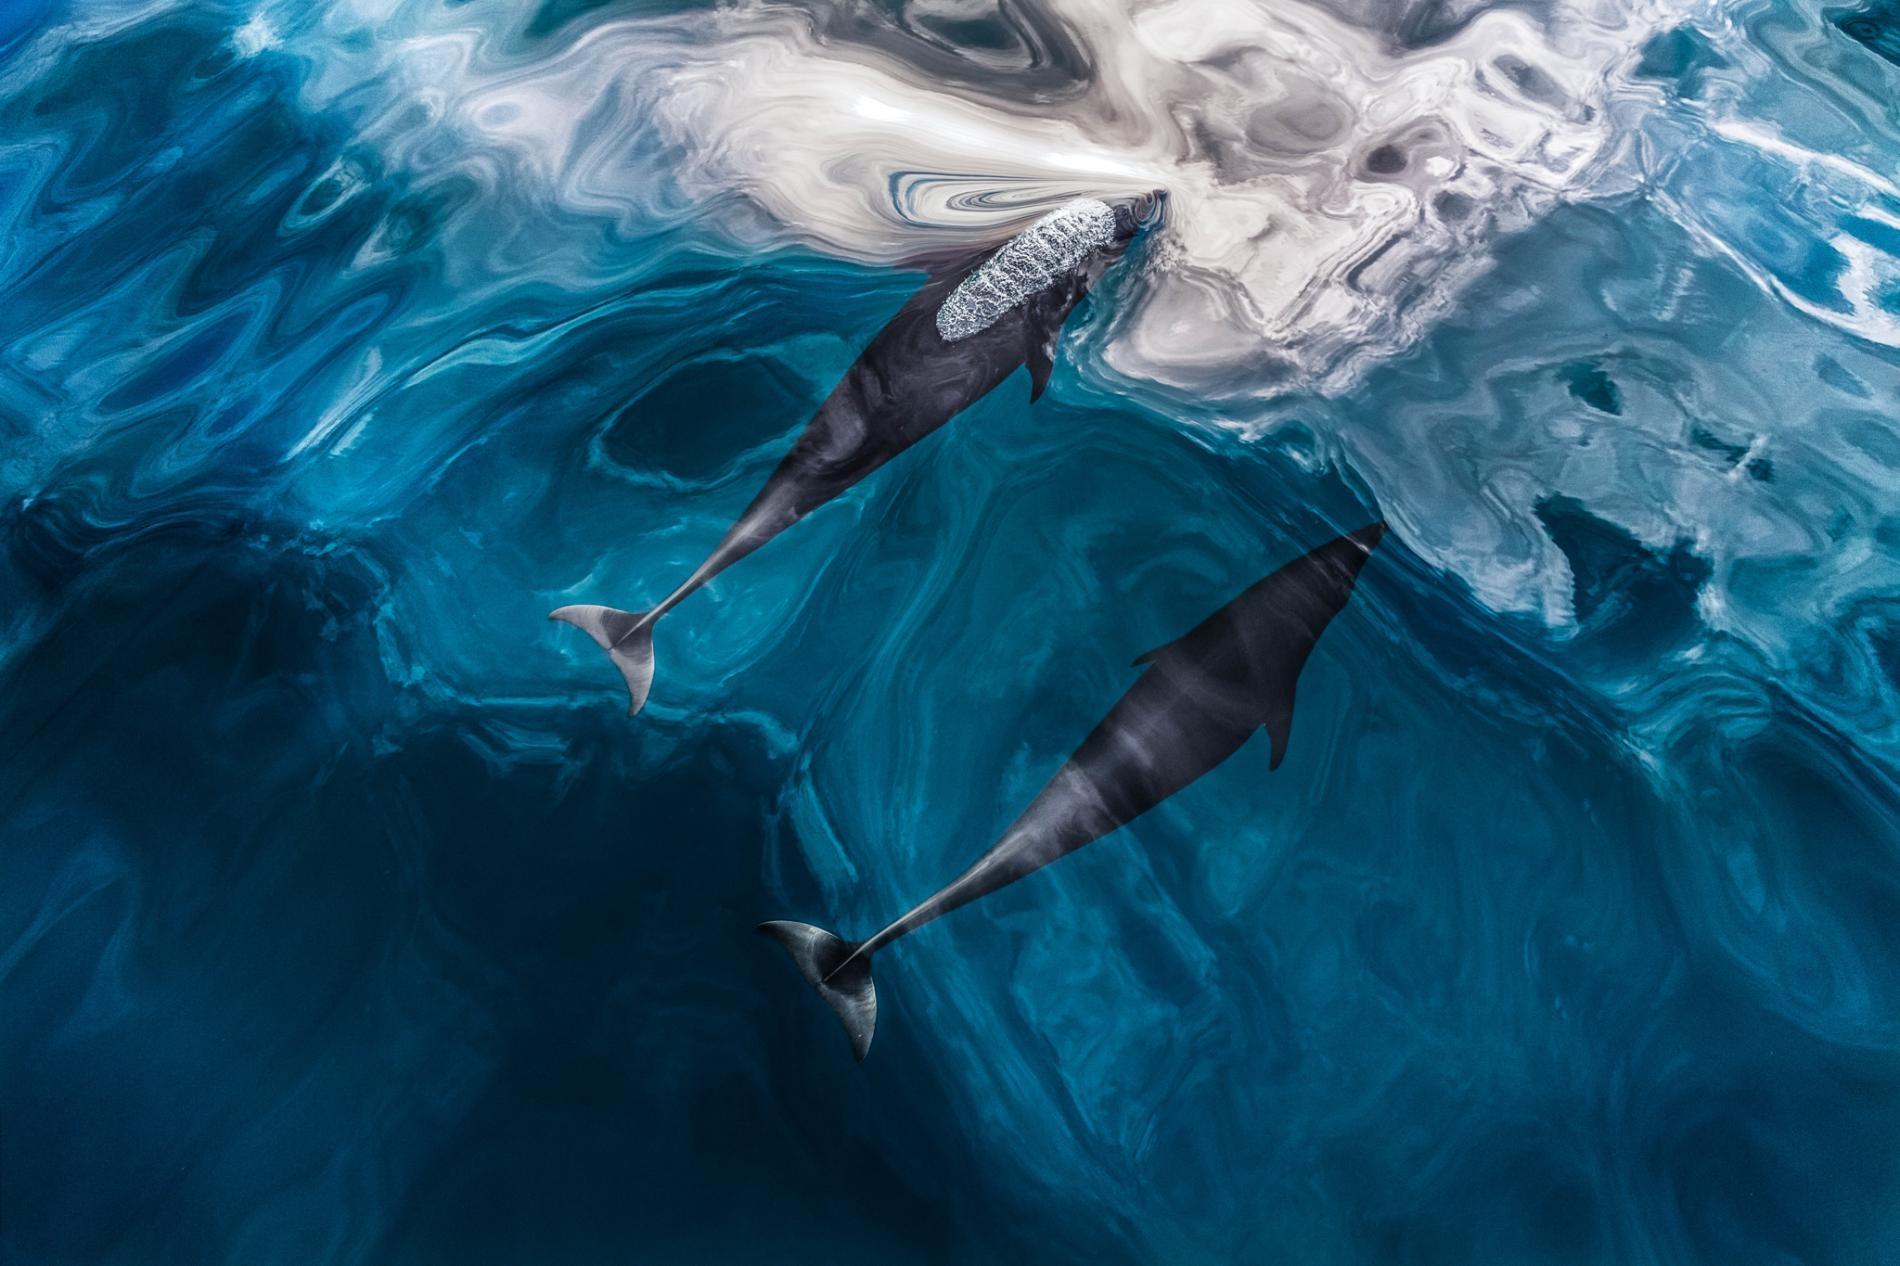 在加拿大不列顛哥倫比亞省附近海域,北露脊海豚就在水面下游泳。回音定位在海裡是一種很合理的策略,聲音在海水中傳播的速度比在空氣中快五倍。PHOTOGRAPH BY PAUL NICKLEN, NAT GEO IMAGE COLLECTION